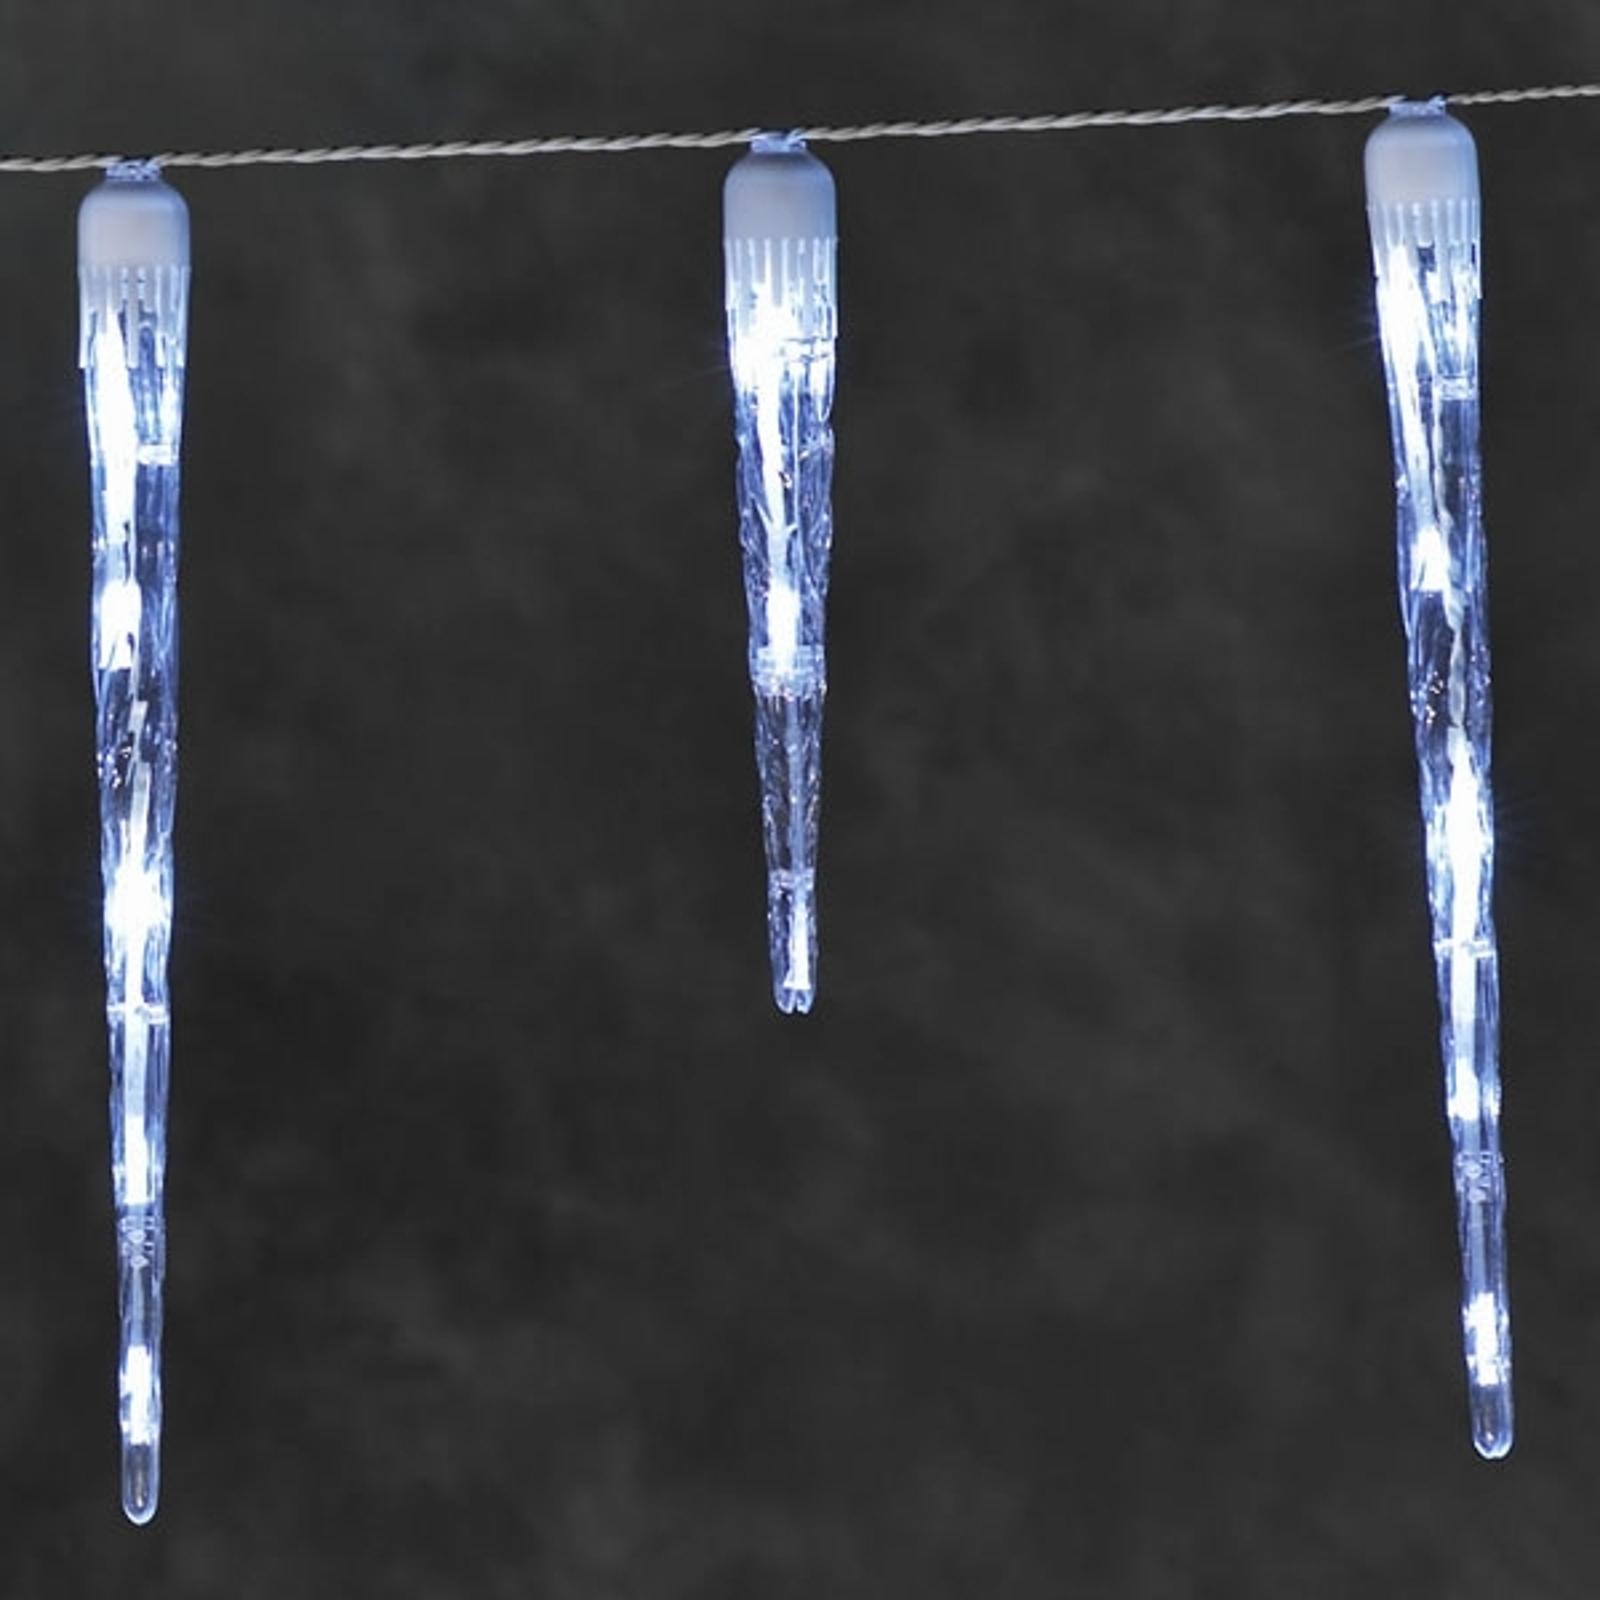 LED lysgardin istapper med 16 tapper 3,75m